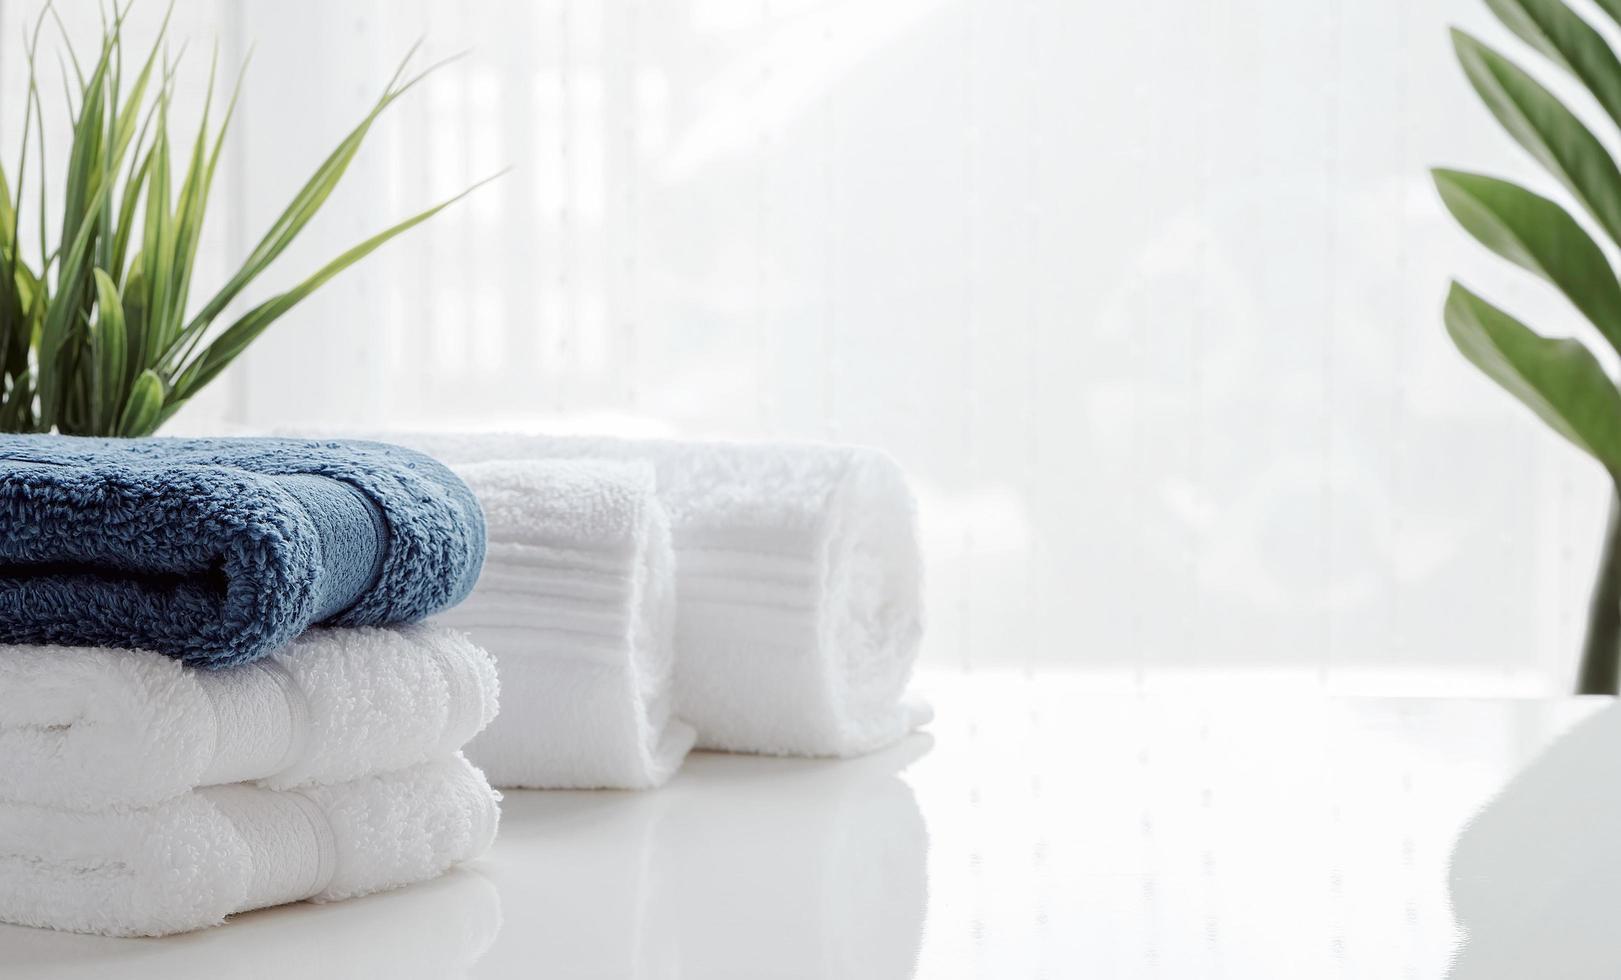 asciugamani puliti e piante d'appartamento su un tavolo bianco foto